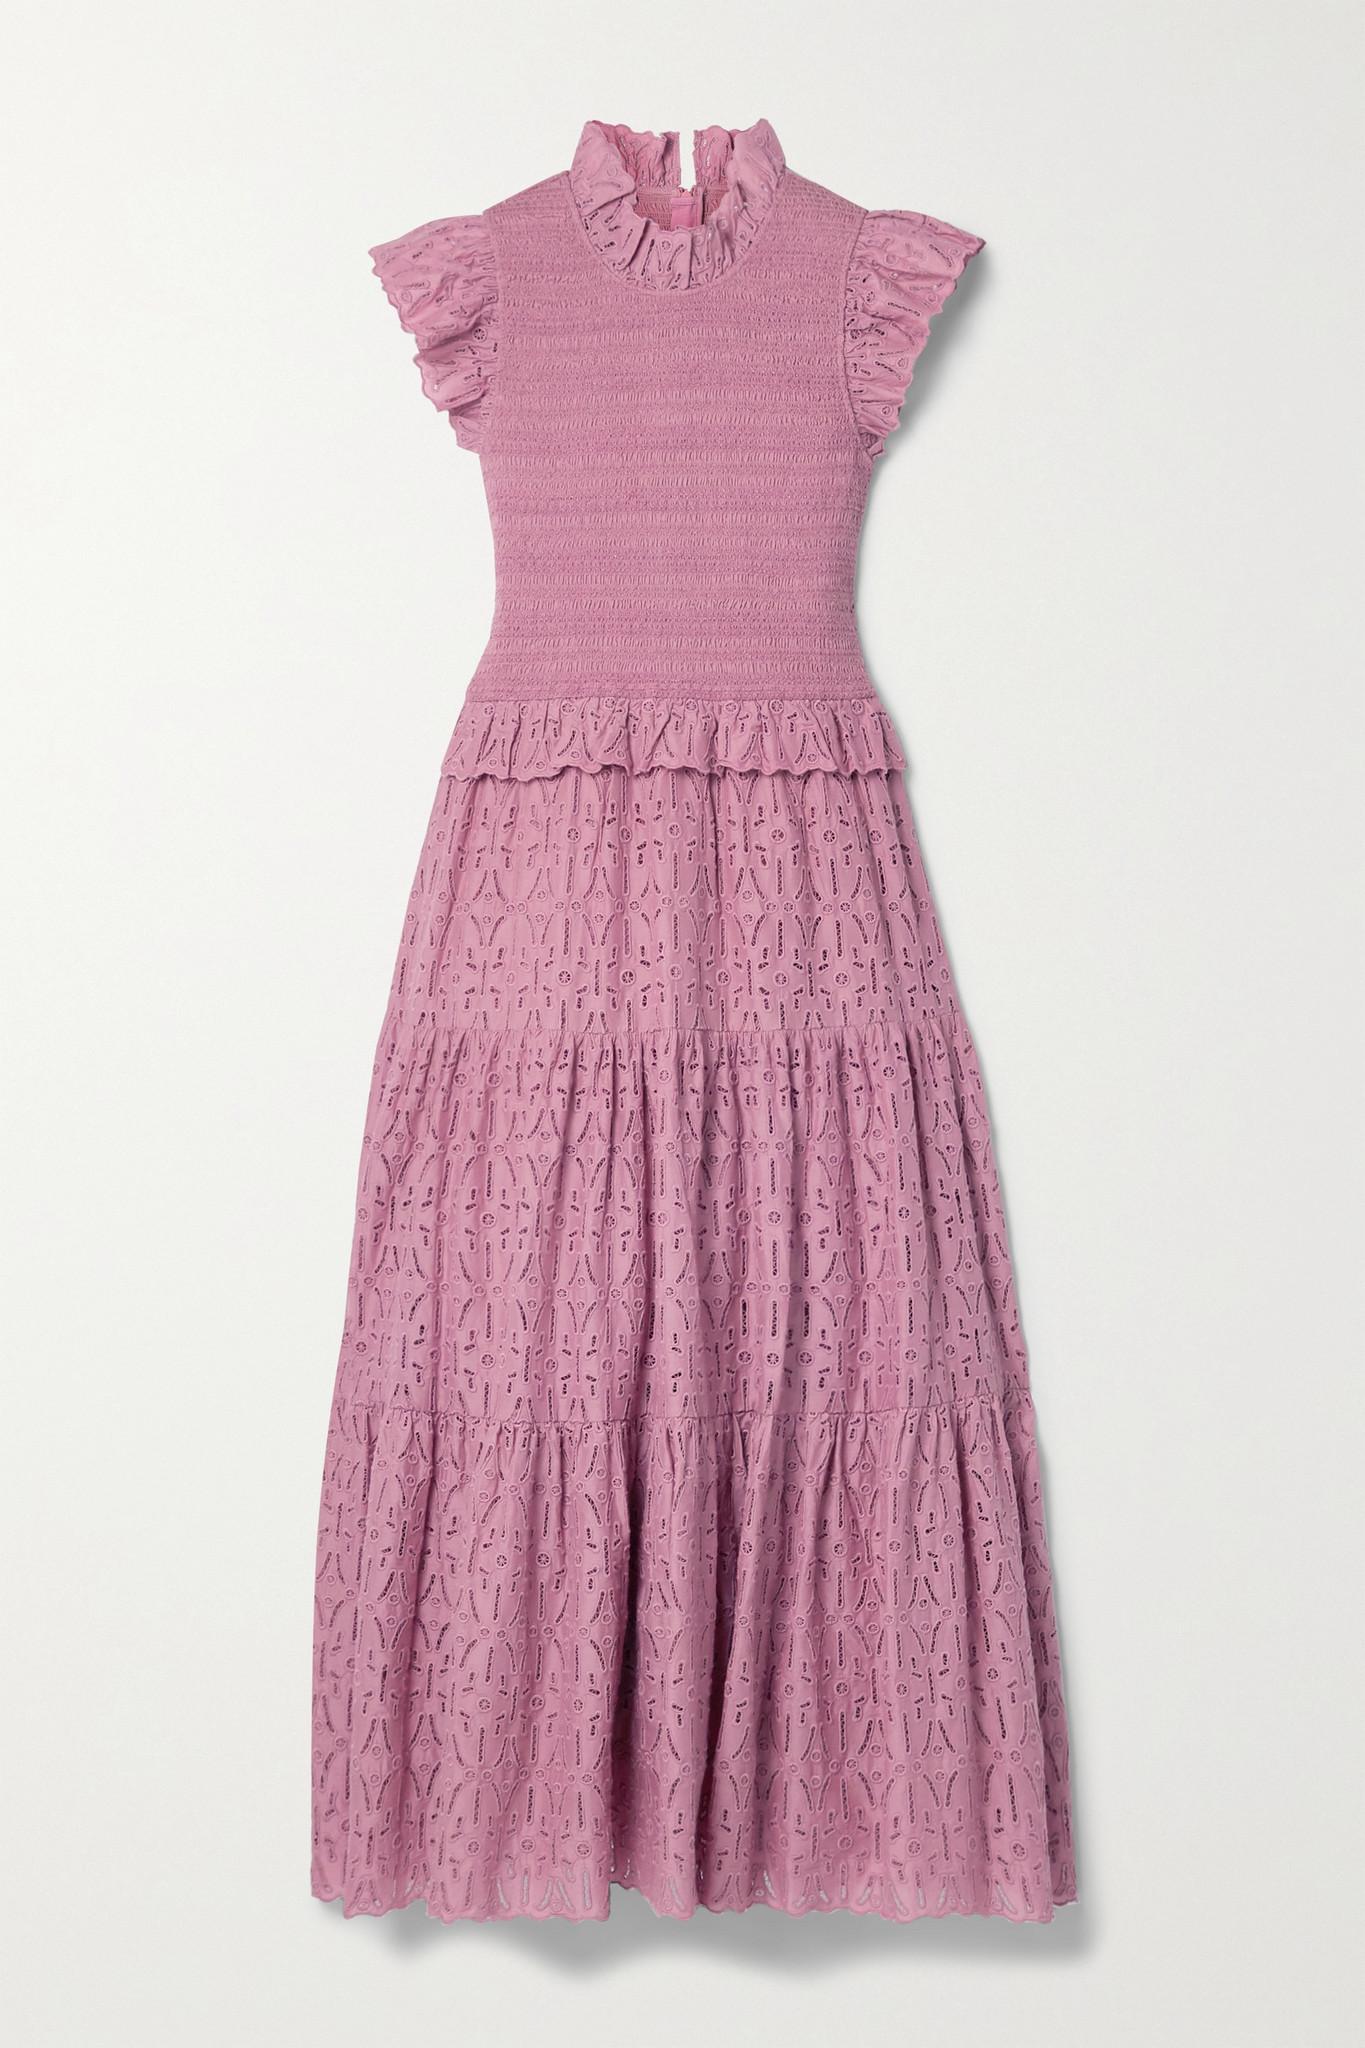 SEA - Ingrid 皱褶装饰荷叶边马德拉刺绣纯棉府绸连衣裙 - 粉红色 - US6